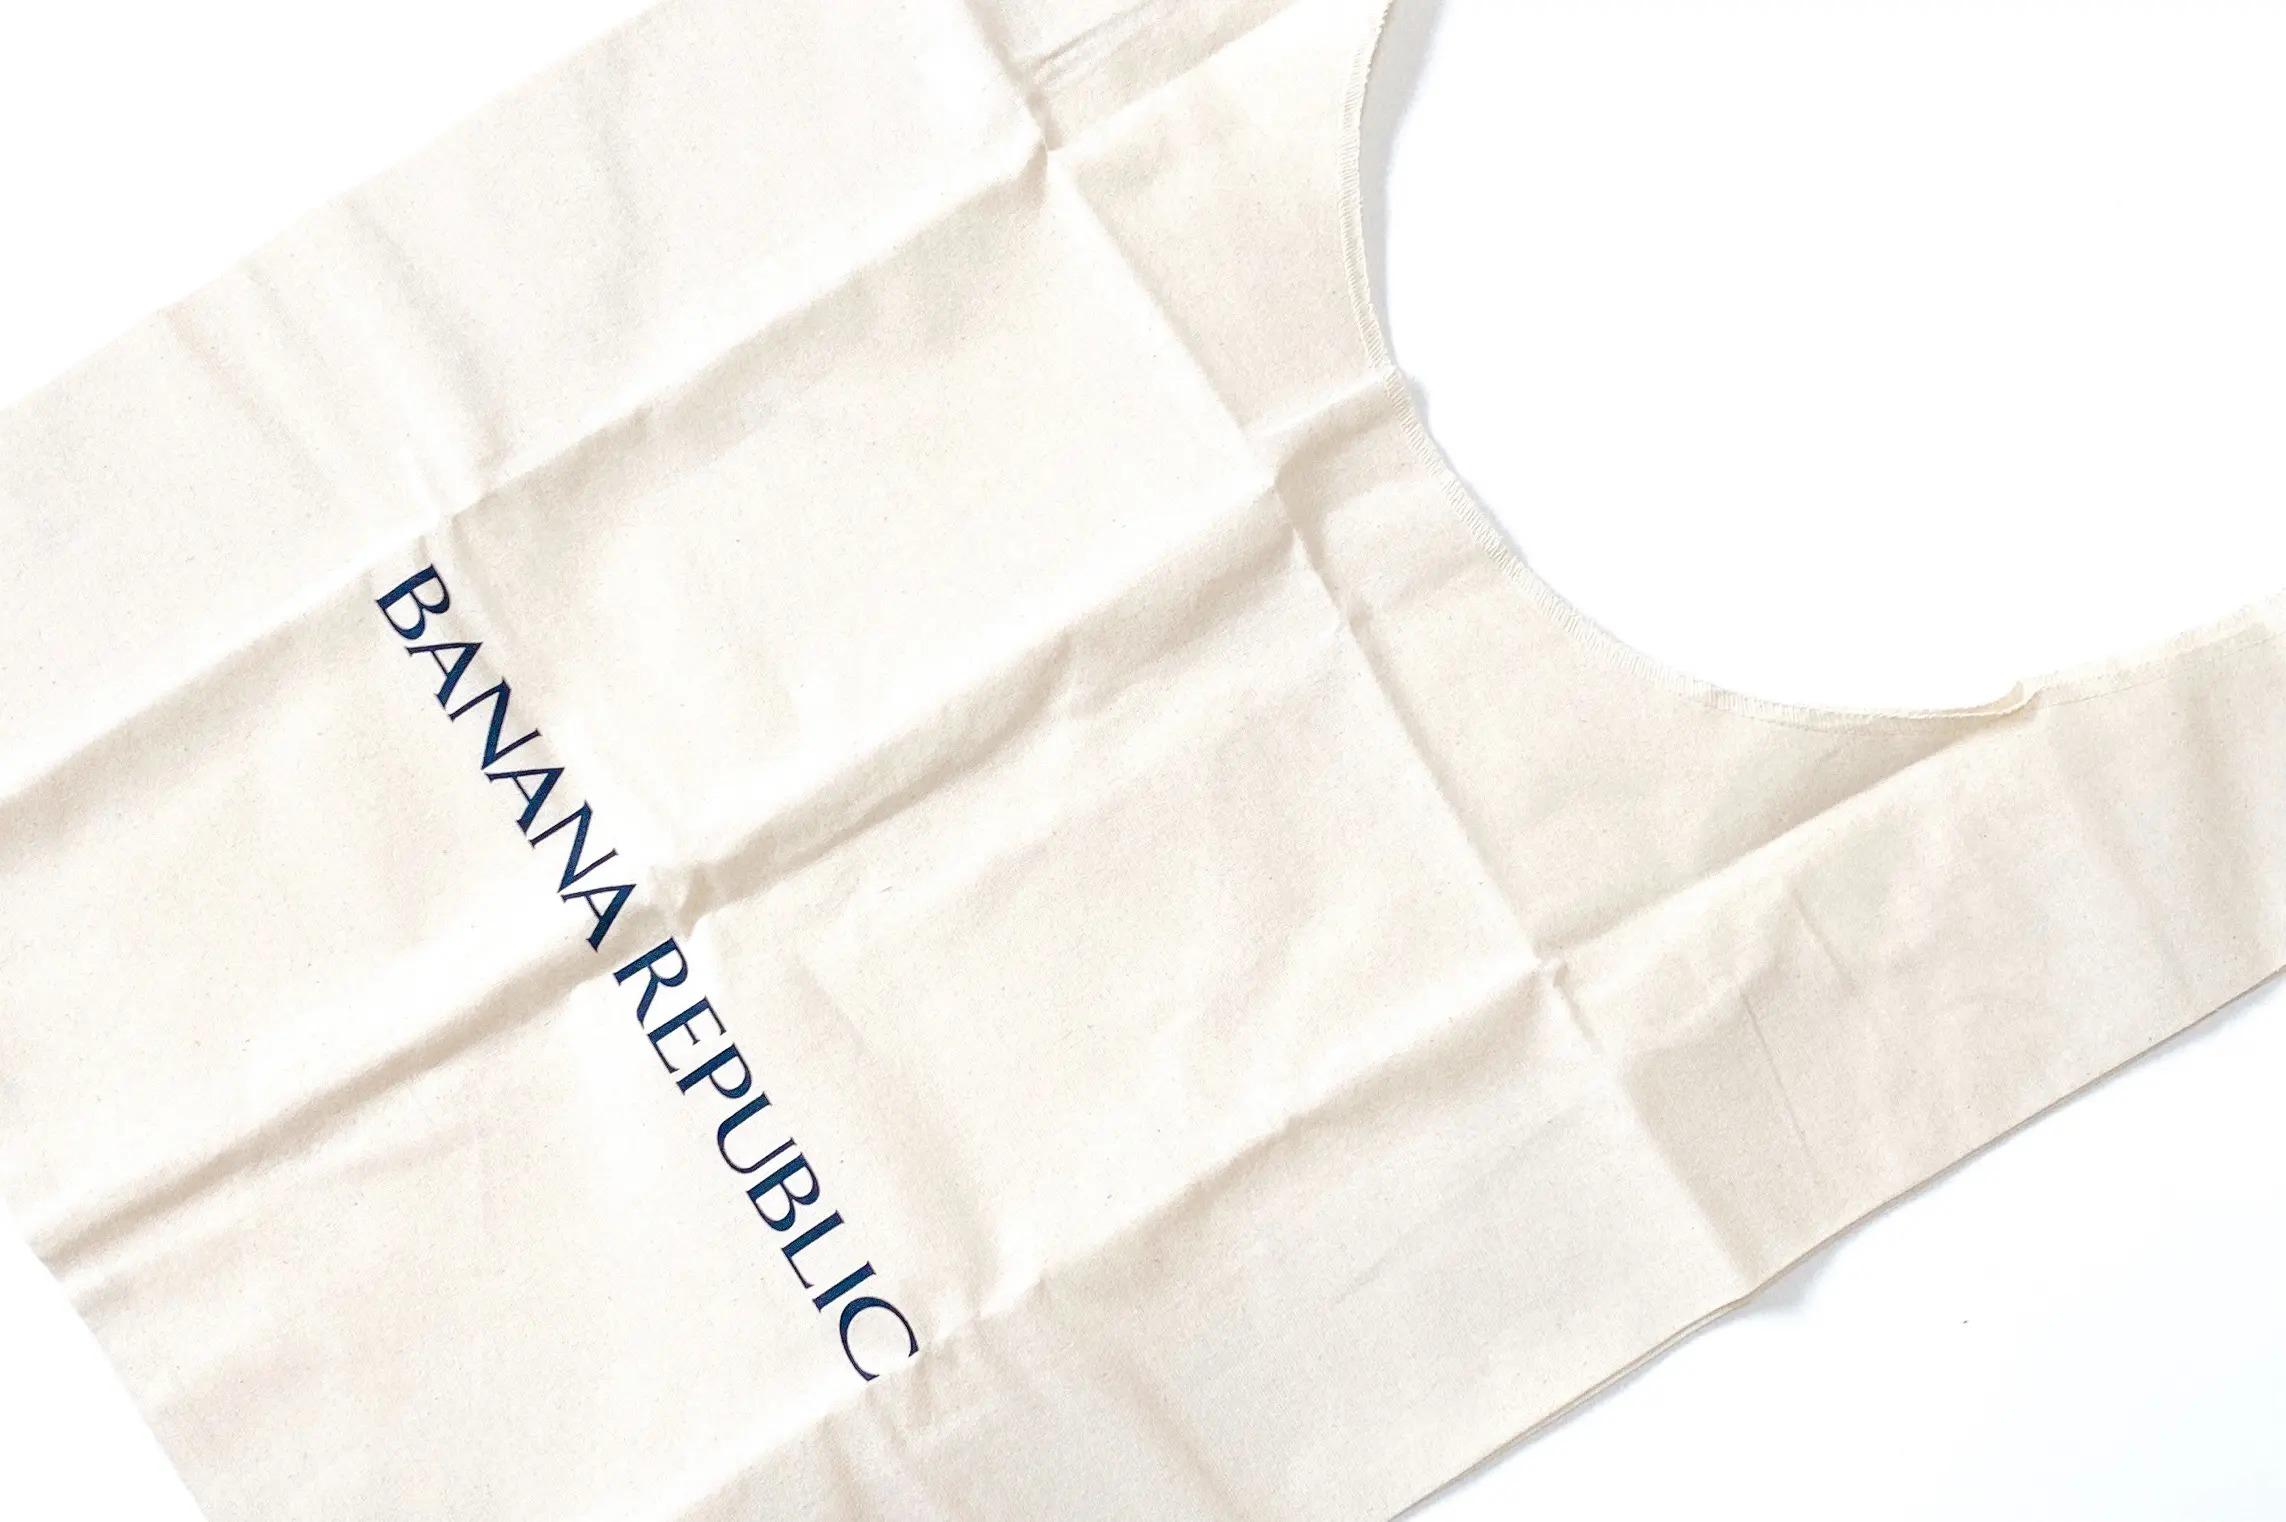 【働く女性のエコバッグまとめ】人気ブランドのおしゃれなバッグも♡ MOREインフルエンサーズのMyバッグ特集_8